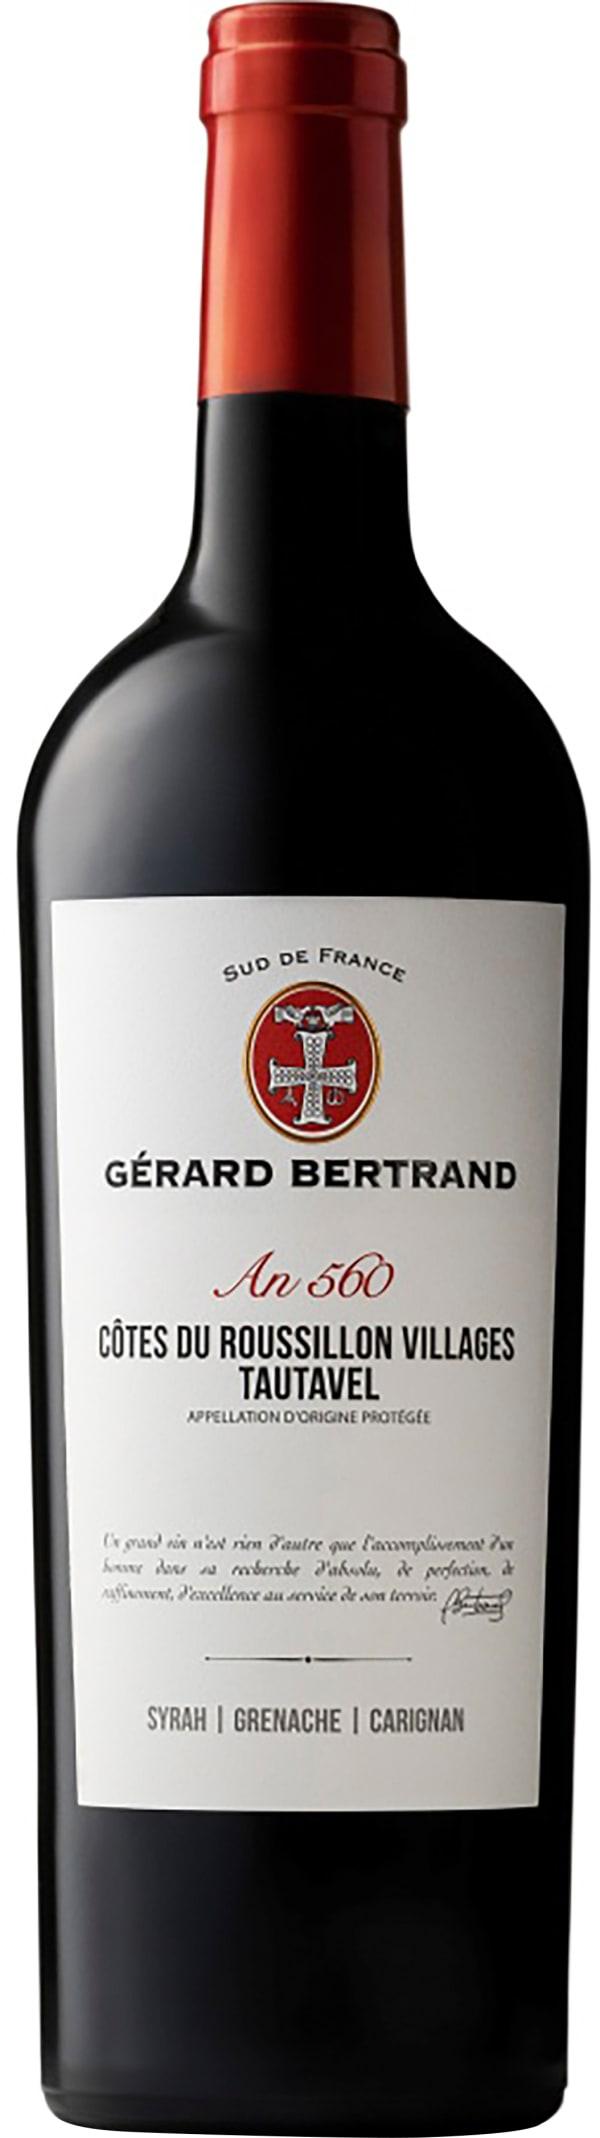 Gérard Bertrand Côtes du Roussillon Villages Tautavel 2017